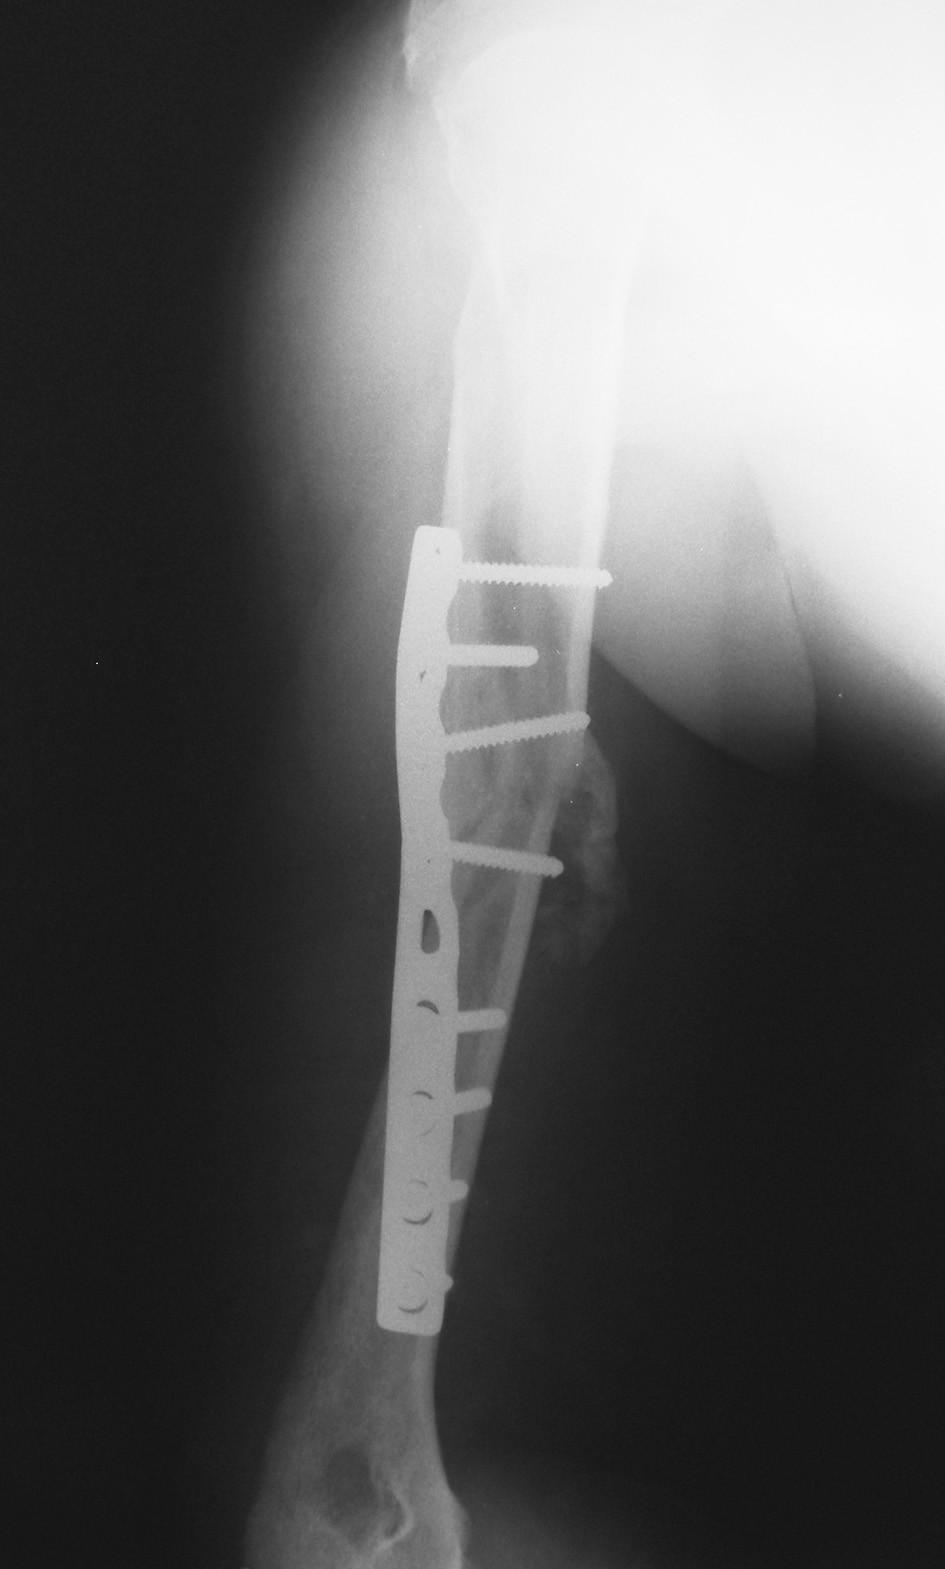 Pooperační RTG snímek ošetření pakloubu dynamickou kompresní dlahou Fig. 2. Postoperative X-ray picture of nonunion treated by dynamic compression plate